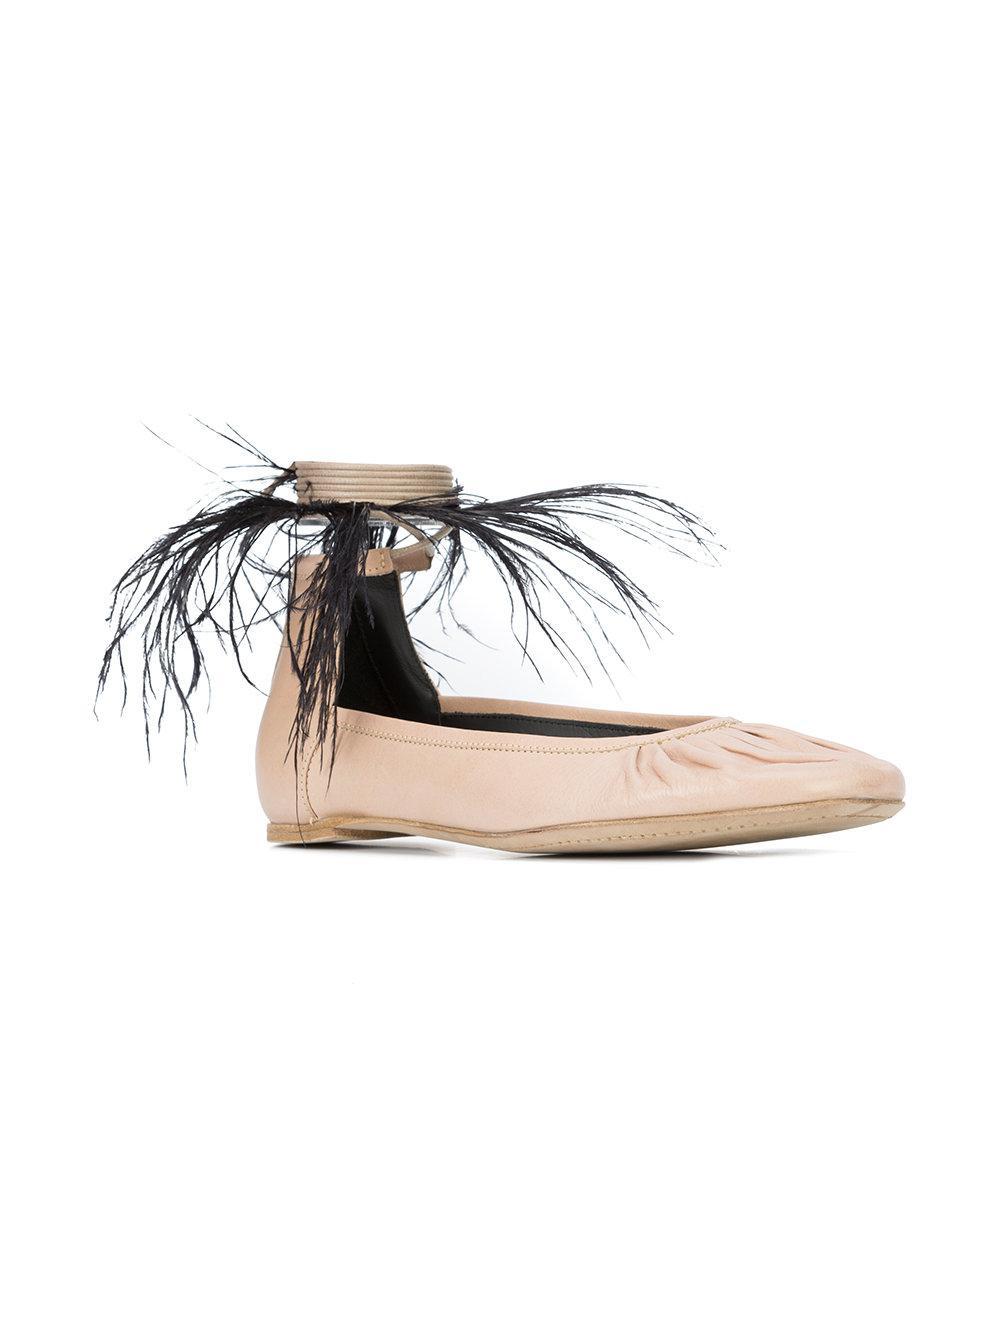 feather detail ballerinas - Nude & Neutrals Ann Demeulemeester E7KQJMDiC